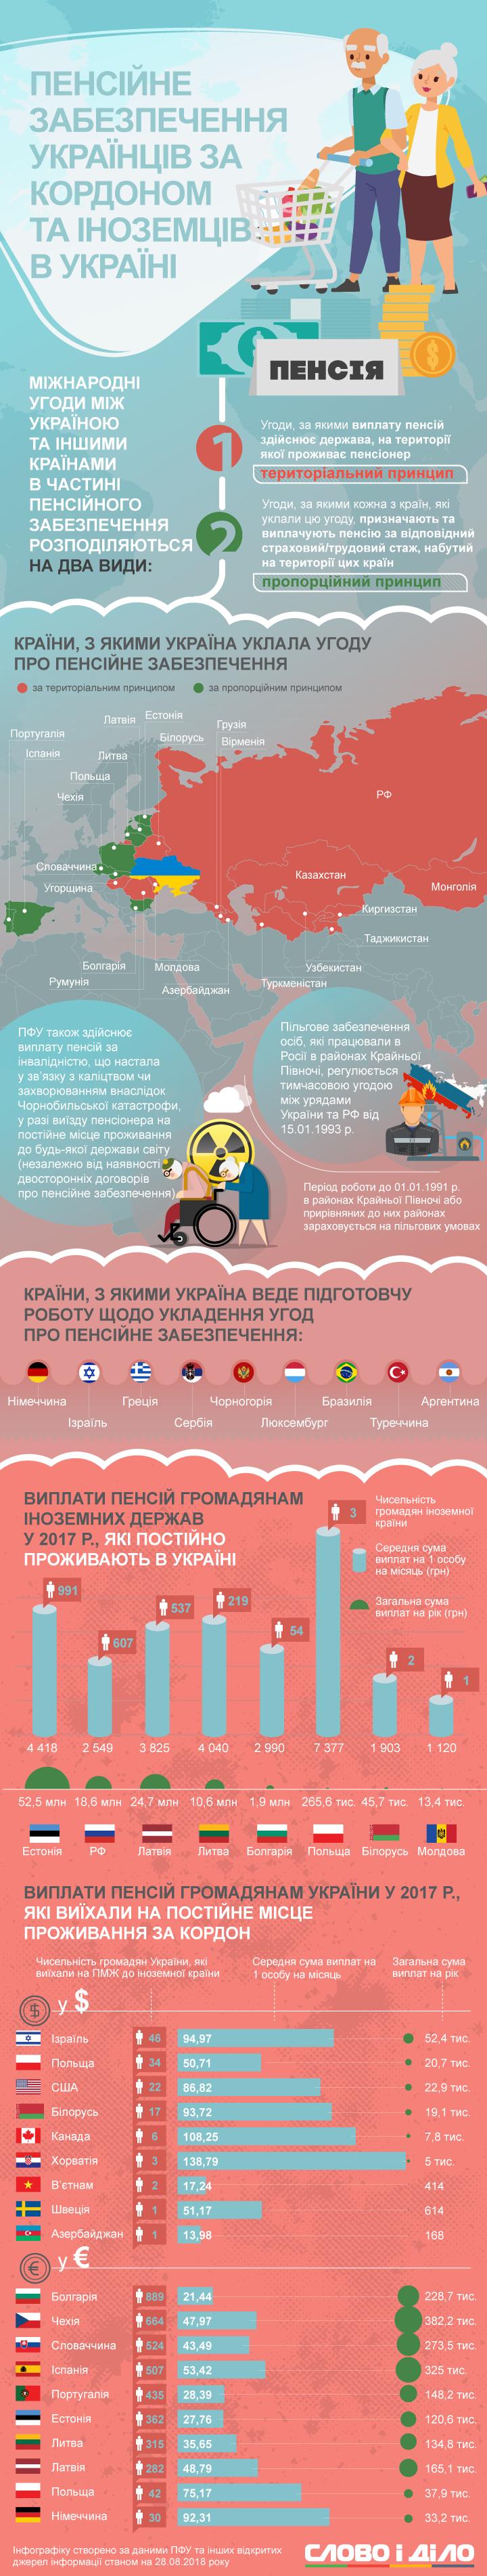 Слово і Діло розбиралось, як українці за кордоном отримують пенсійні виплати та які пенсії в іноземців в Україні.